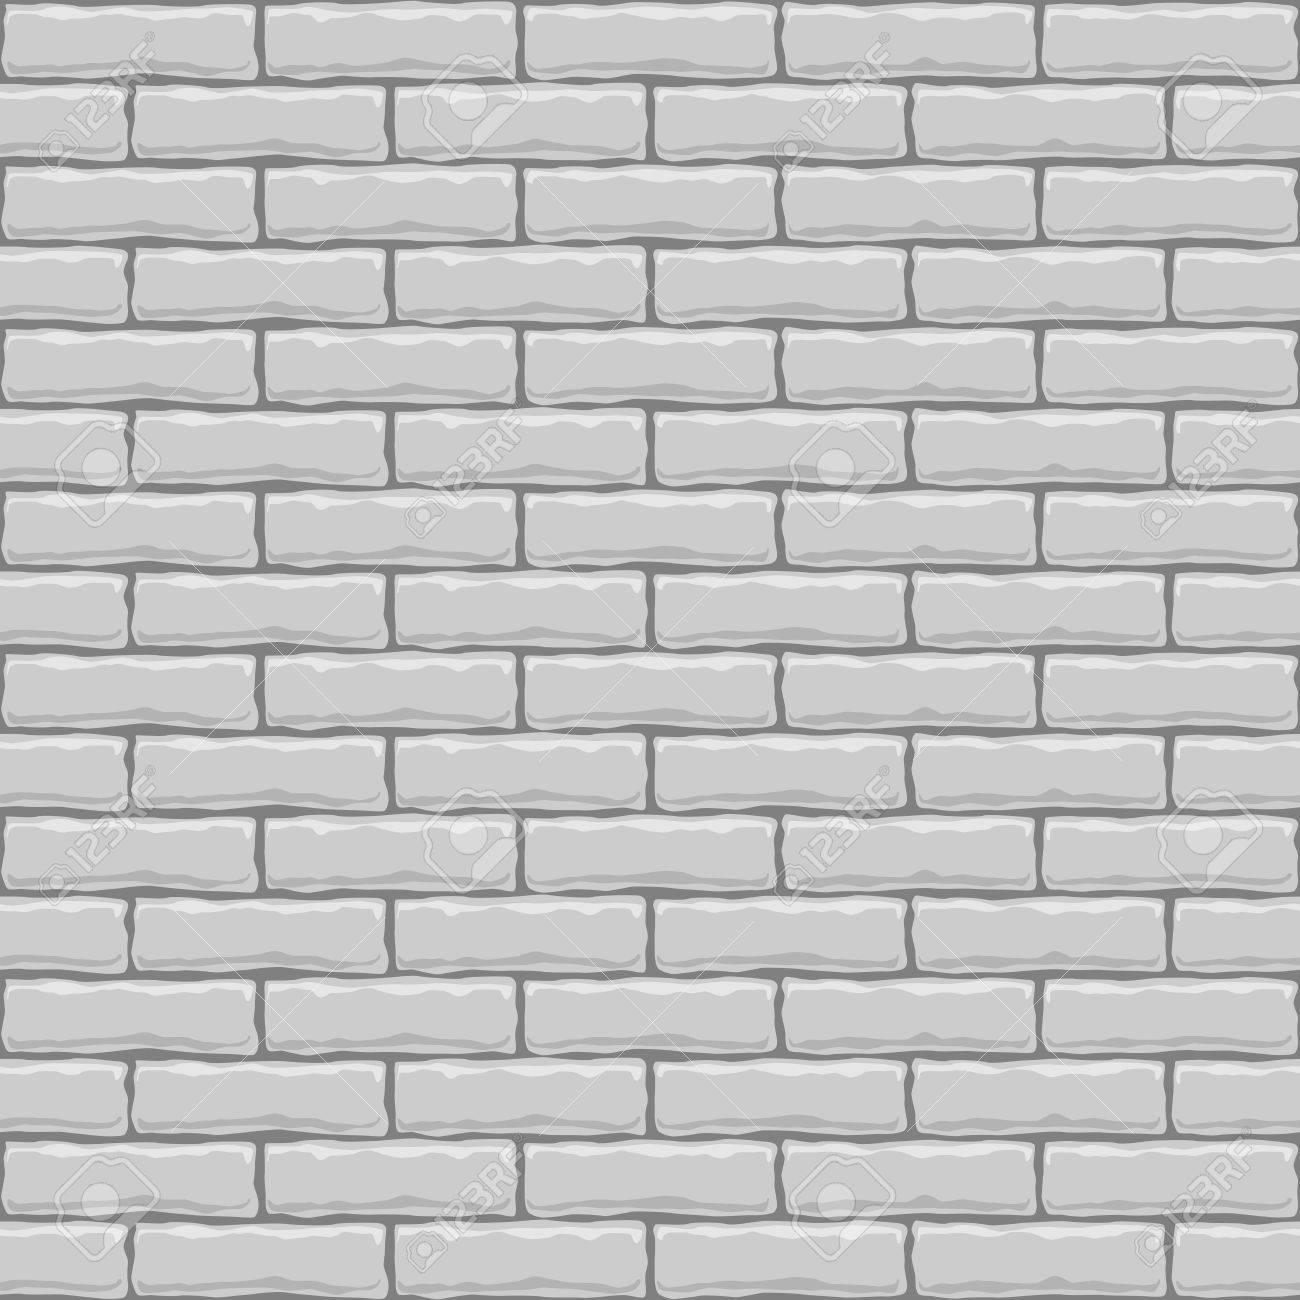 Dachziegel textur grau  Nahtlose Vektor-weiße Ziegel Textur Quadrat. Lizenzfrei Nutzbare ...